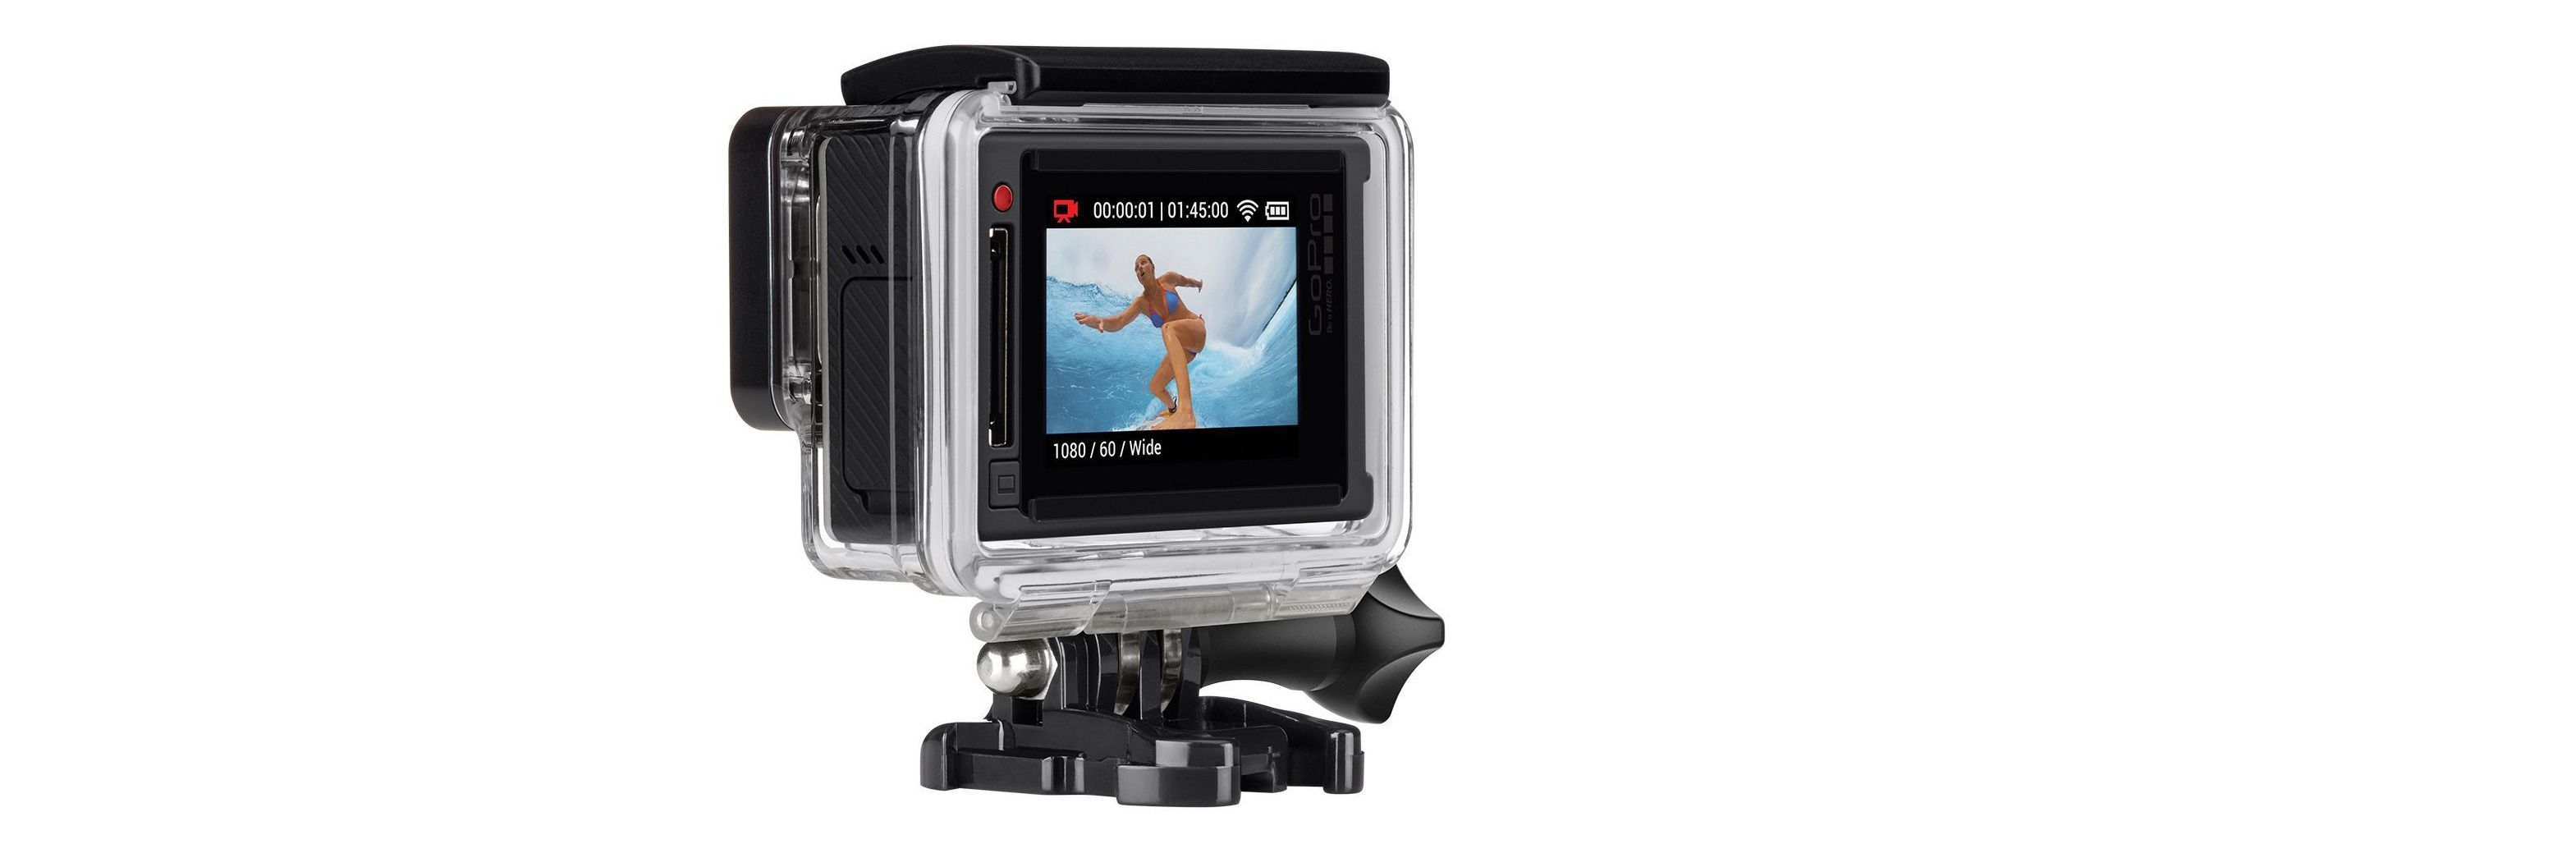 GoPro Hero4 Silver kommer med innebygd berøringsskjerm. (Foto: GoPro)